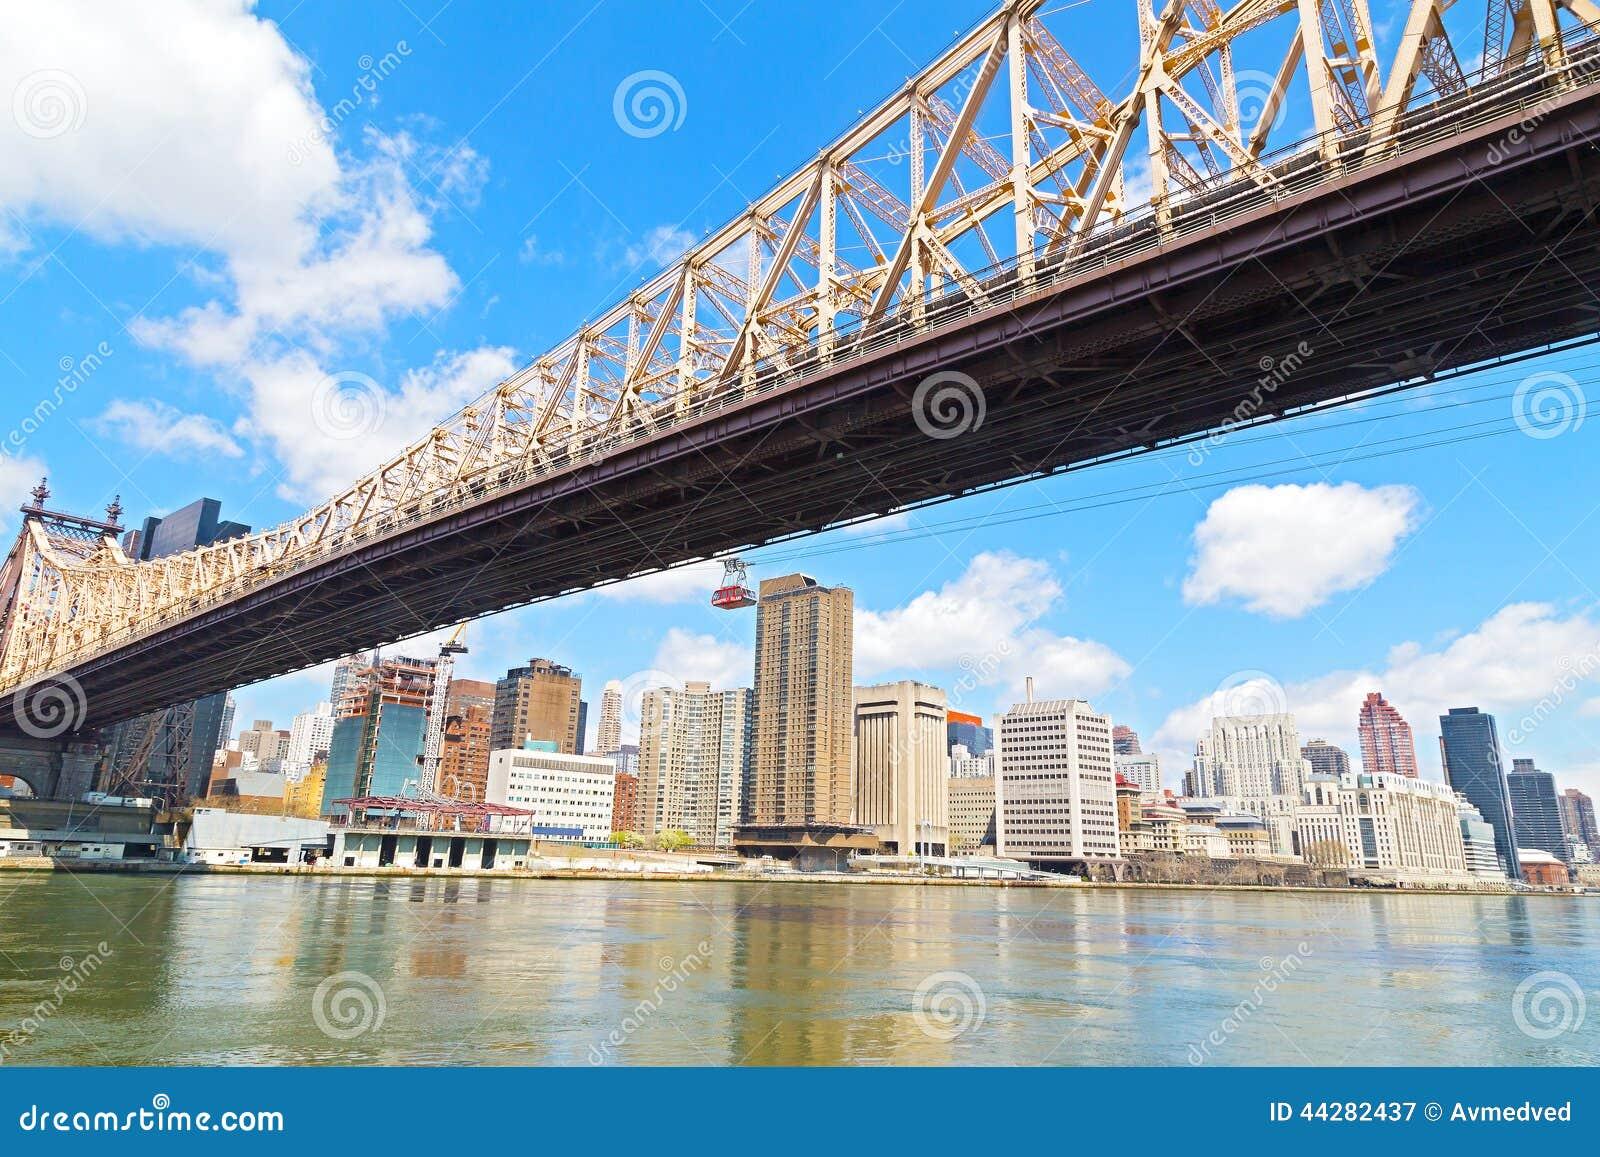 Queensborobrug en Roosevelt Island Tramway over de Rivier van het Oosten in de stad van New York